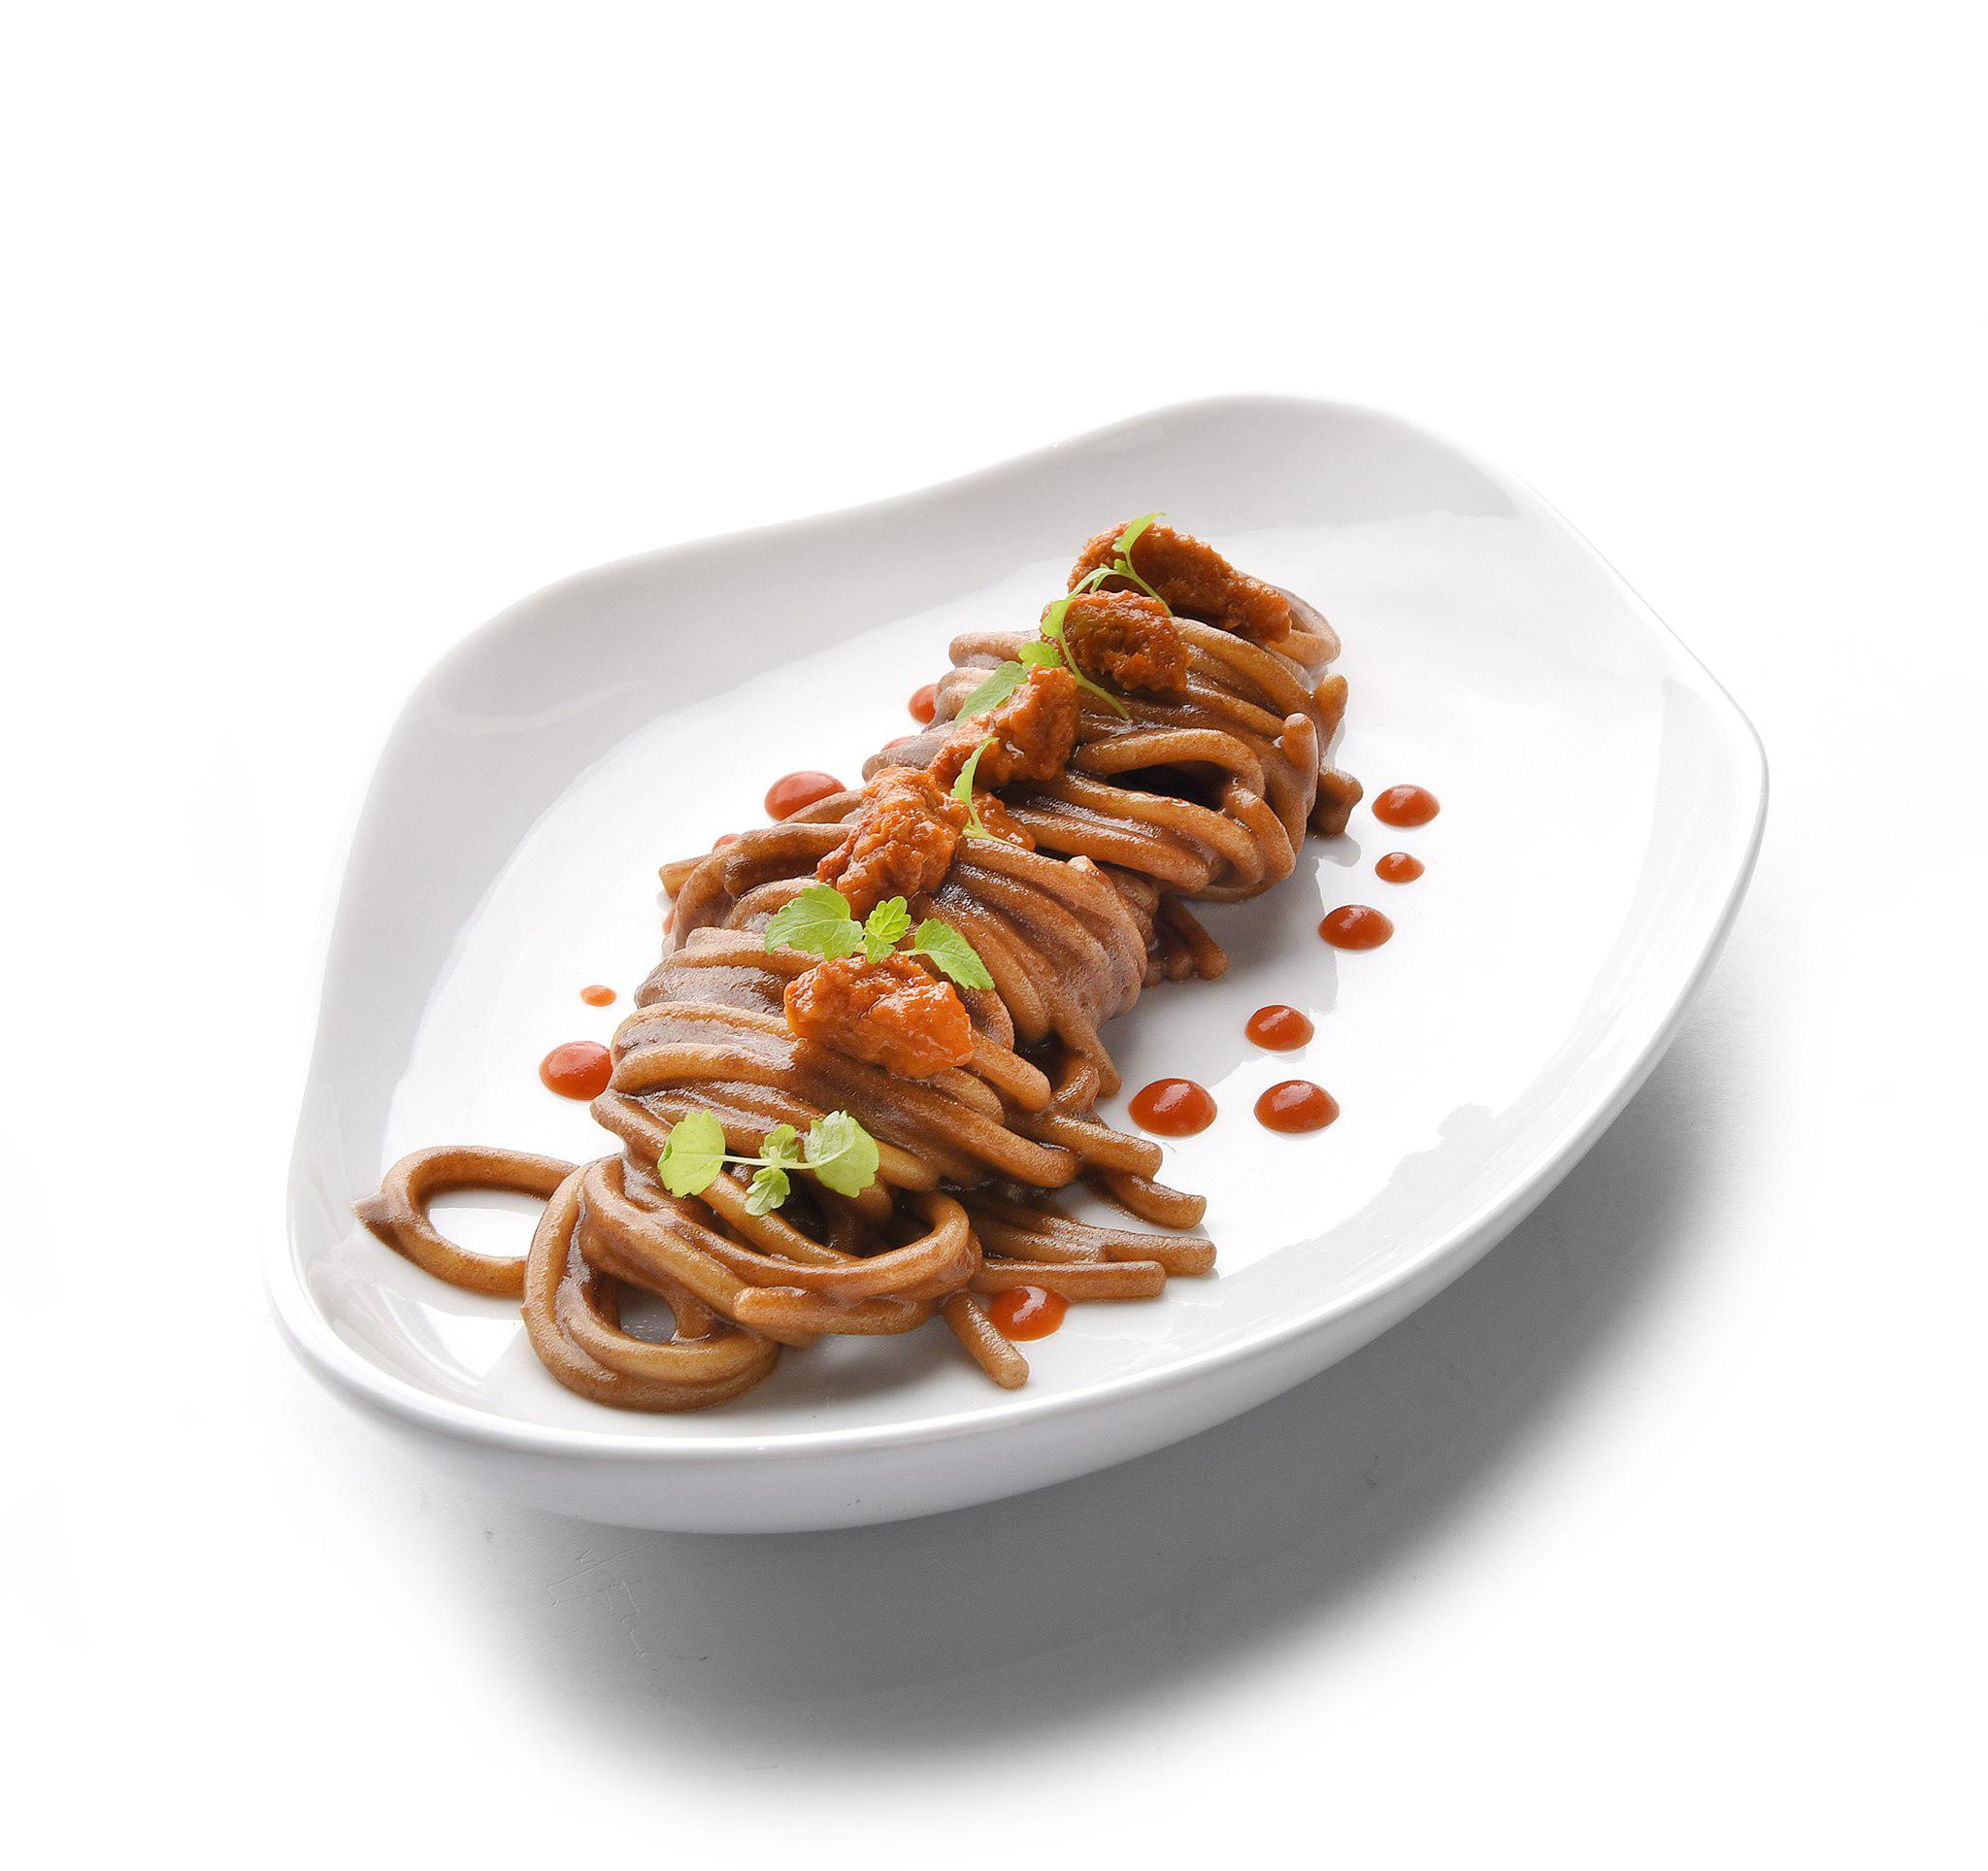 spaghetto aglio nero umami, ricci di mare e geleè al peperoncino